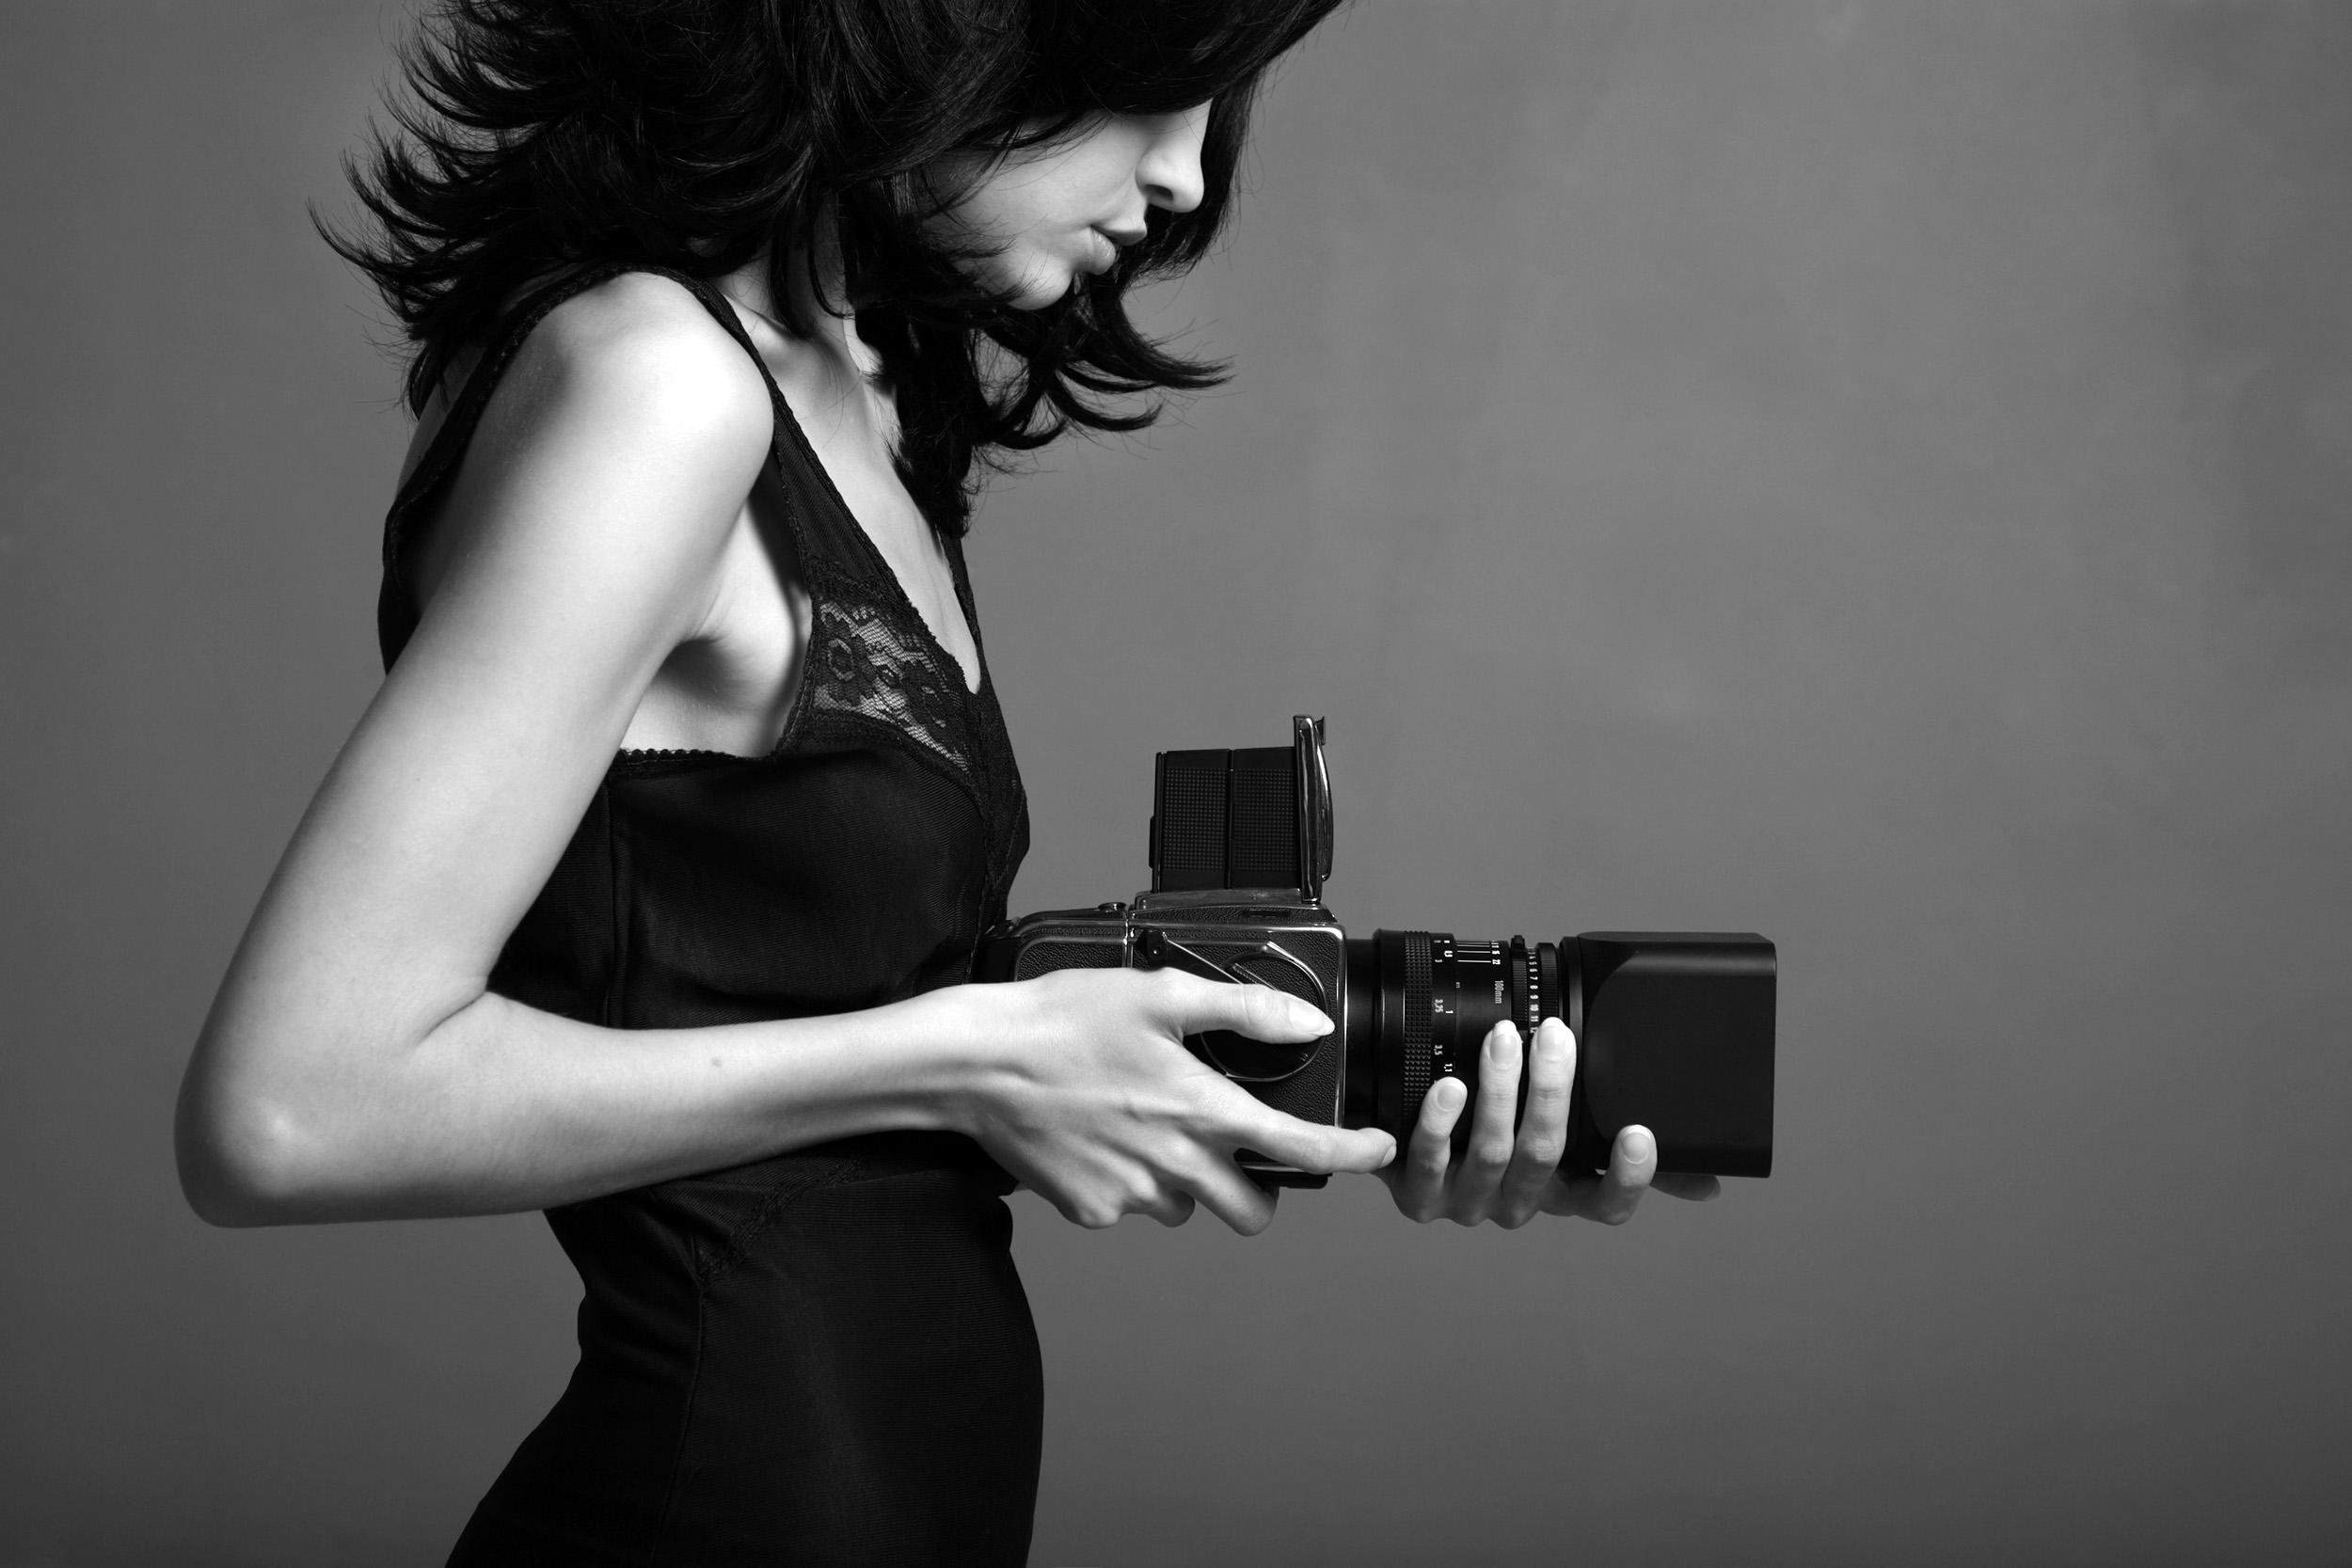 foto van de zijkant van een vrouw in zwartwit die een camera vasthoudt